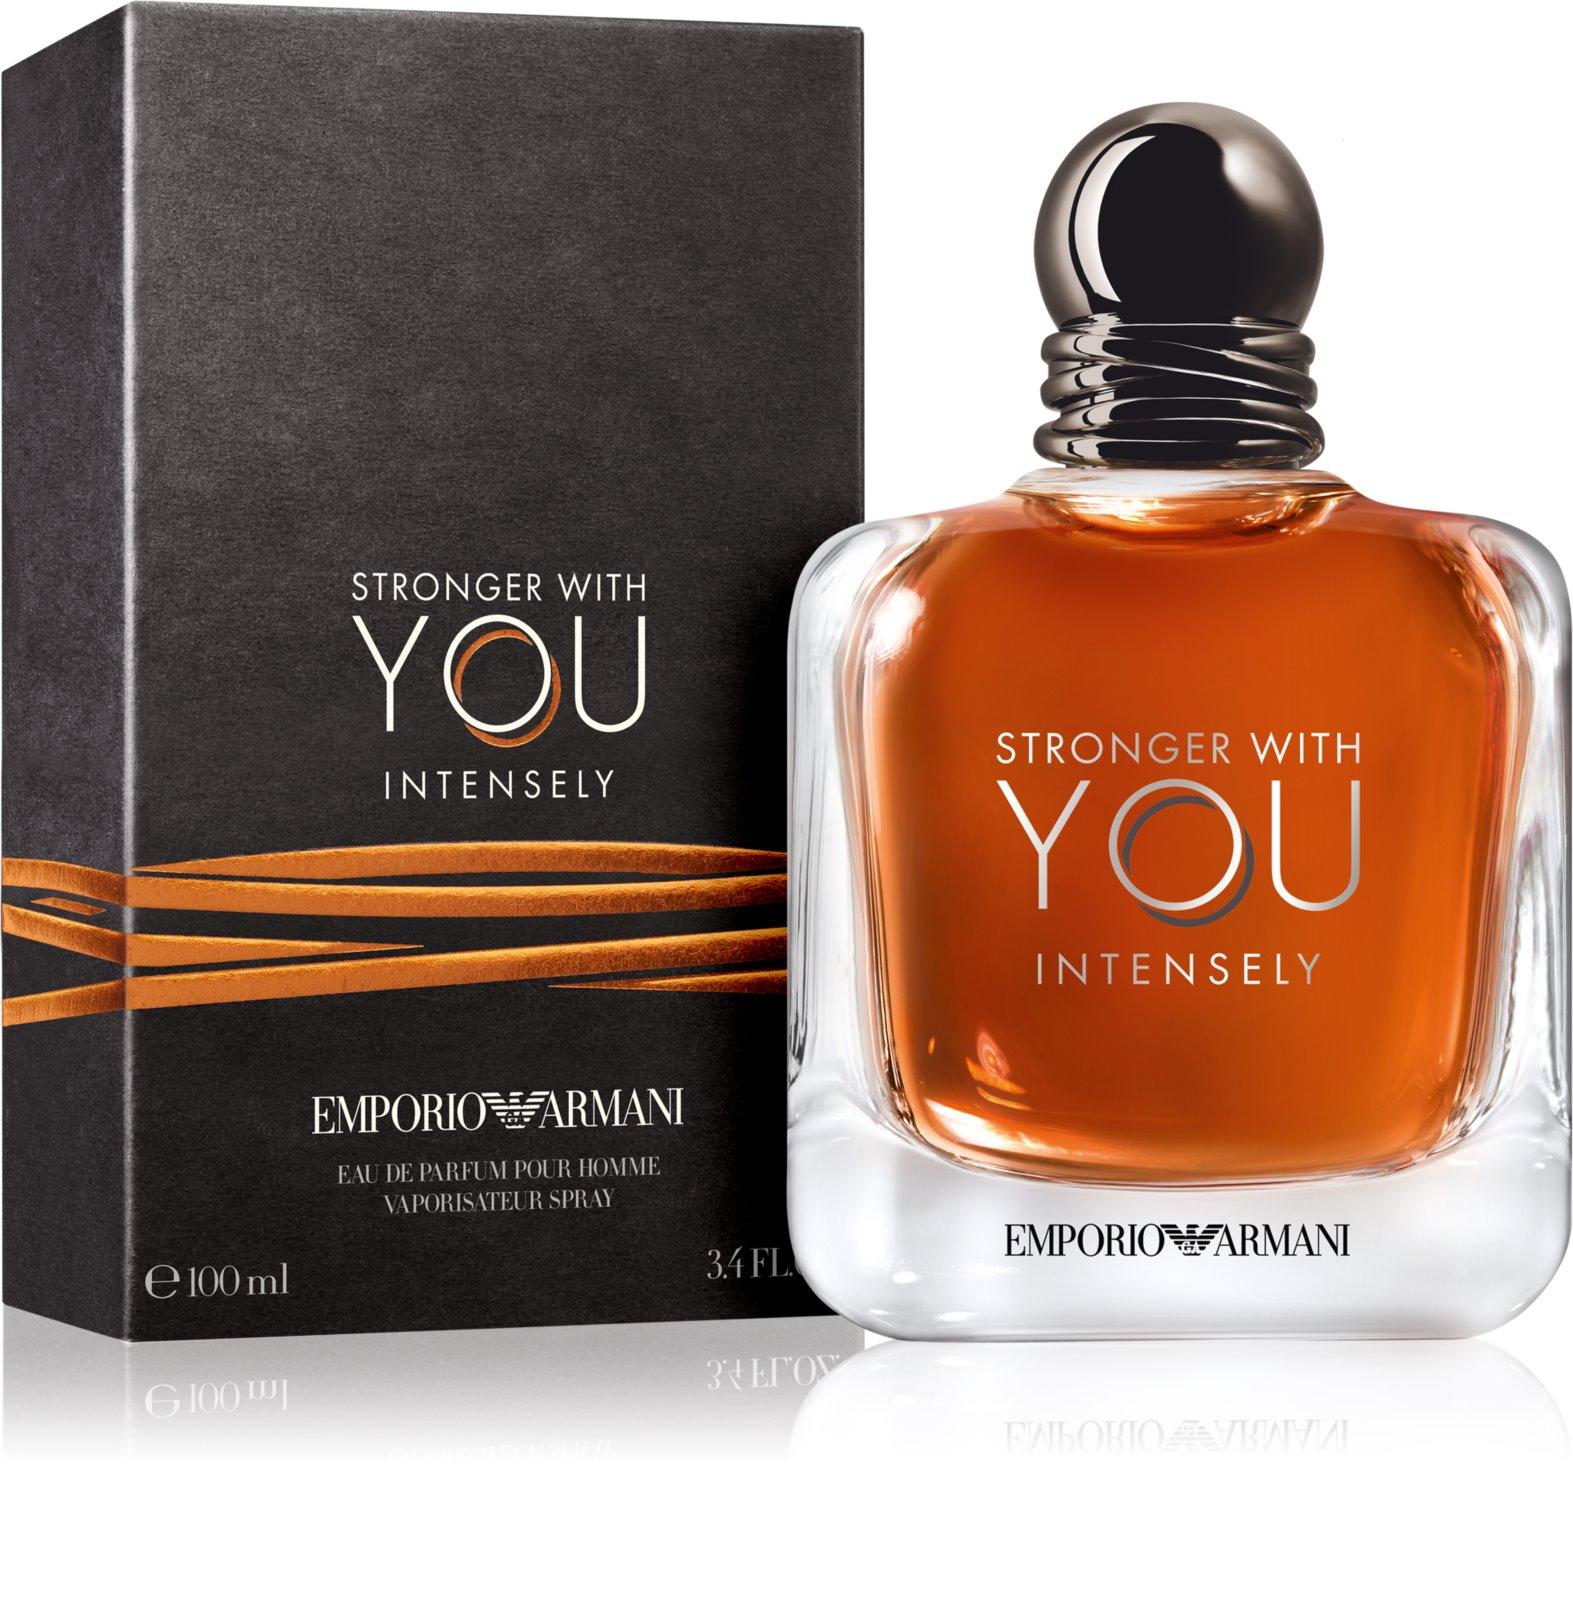 Armani Emporio Stronger With You Intensely woda perfumowana dla mężczyzn